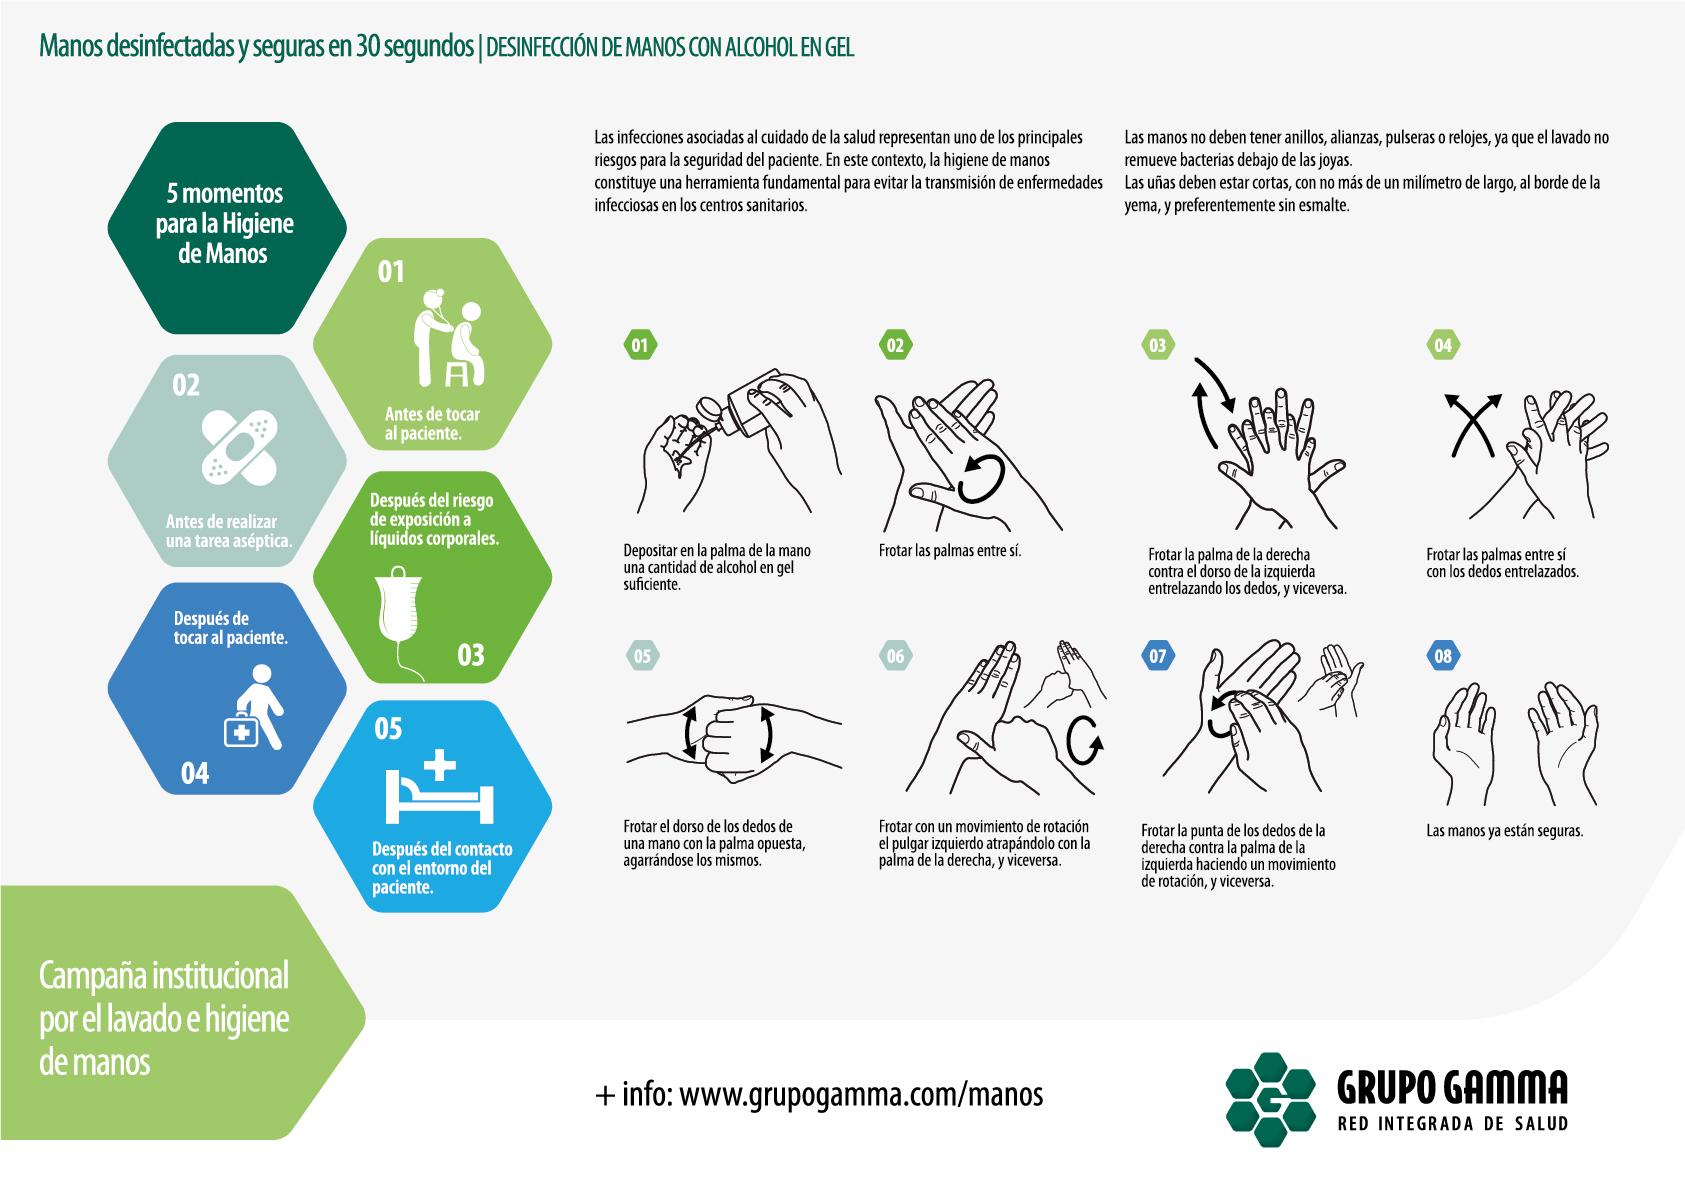 Campaña institucional de lavado e higiene de manos